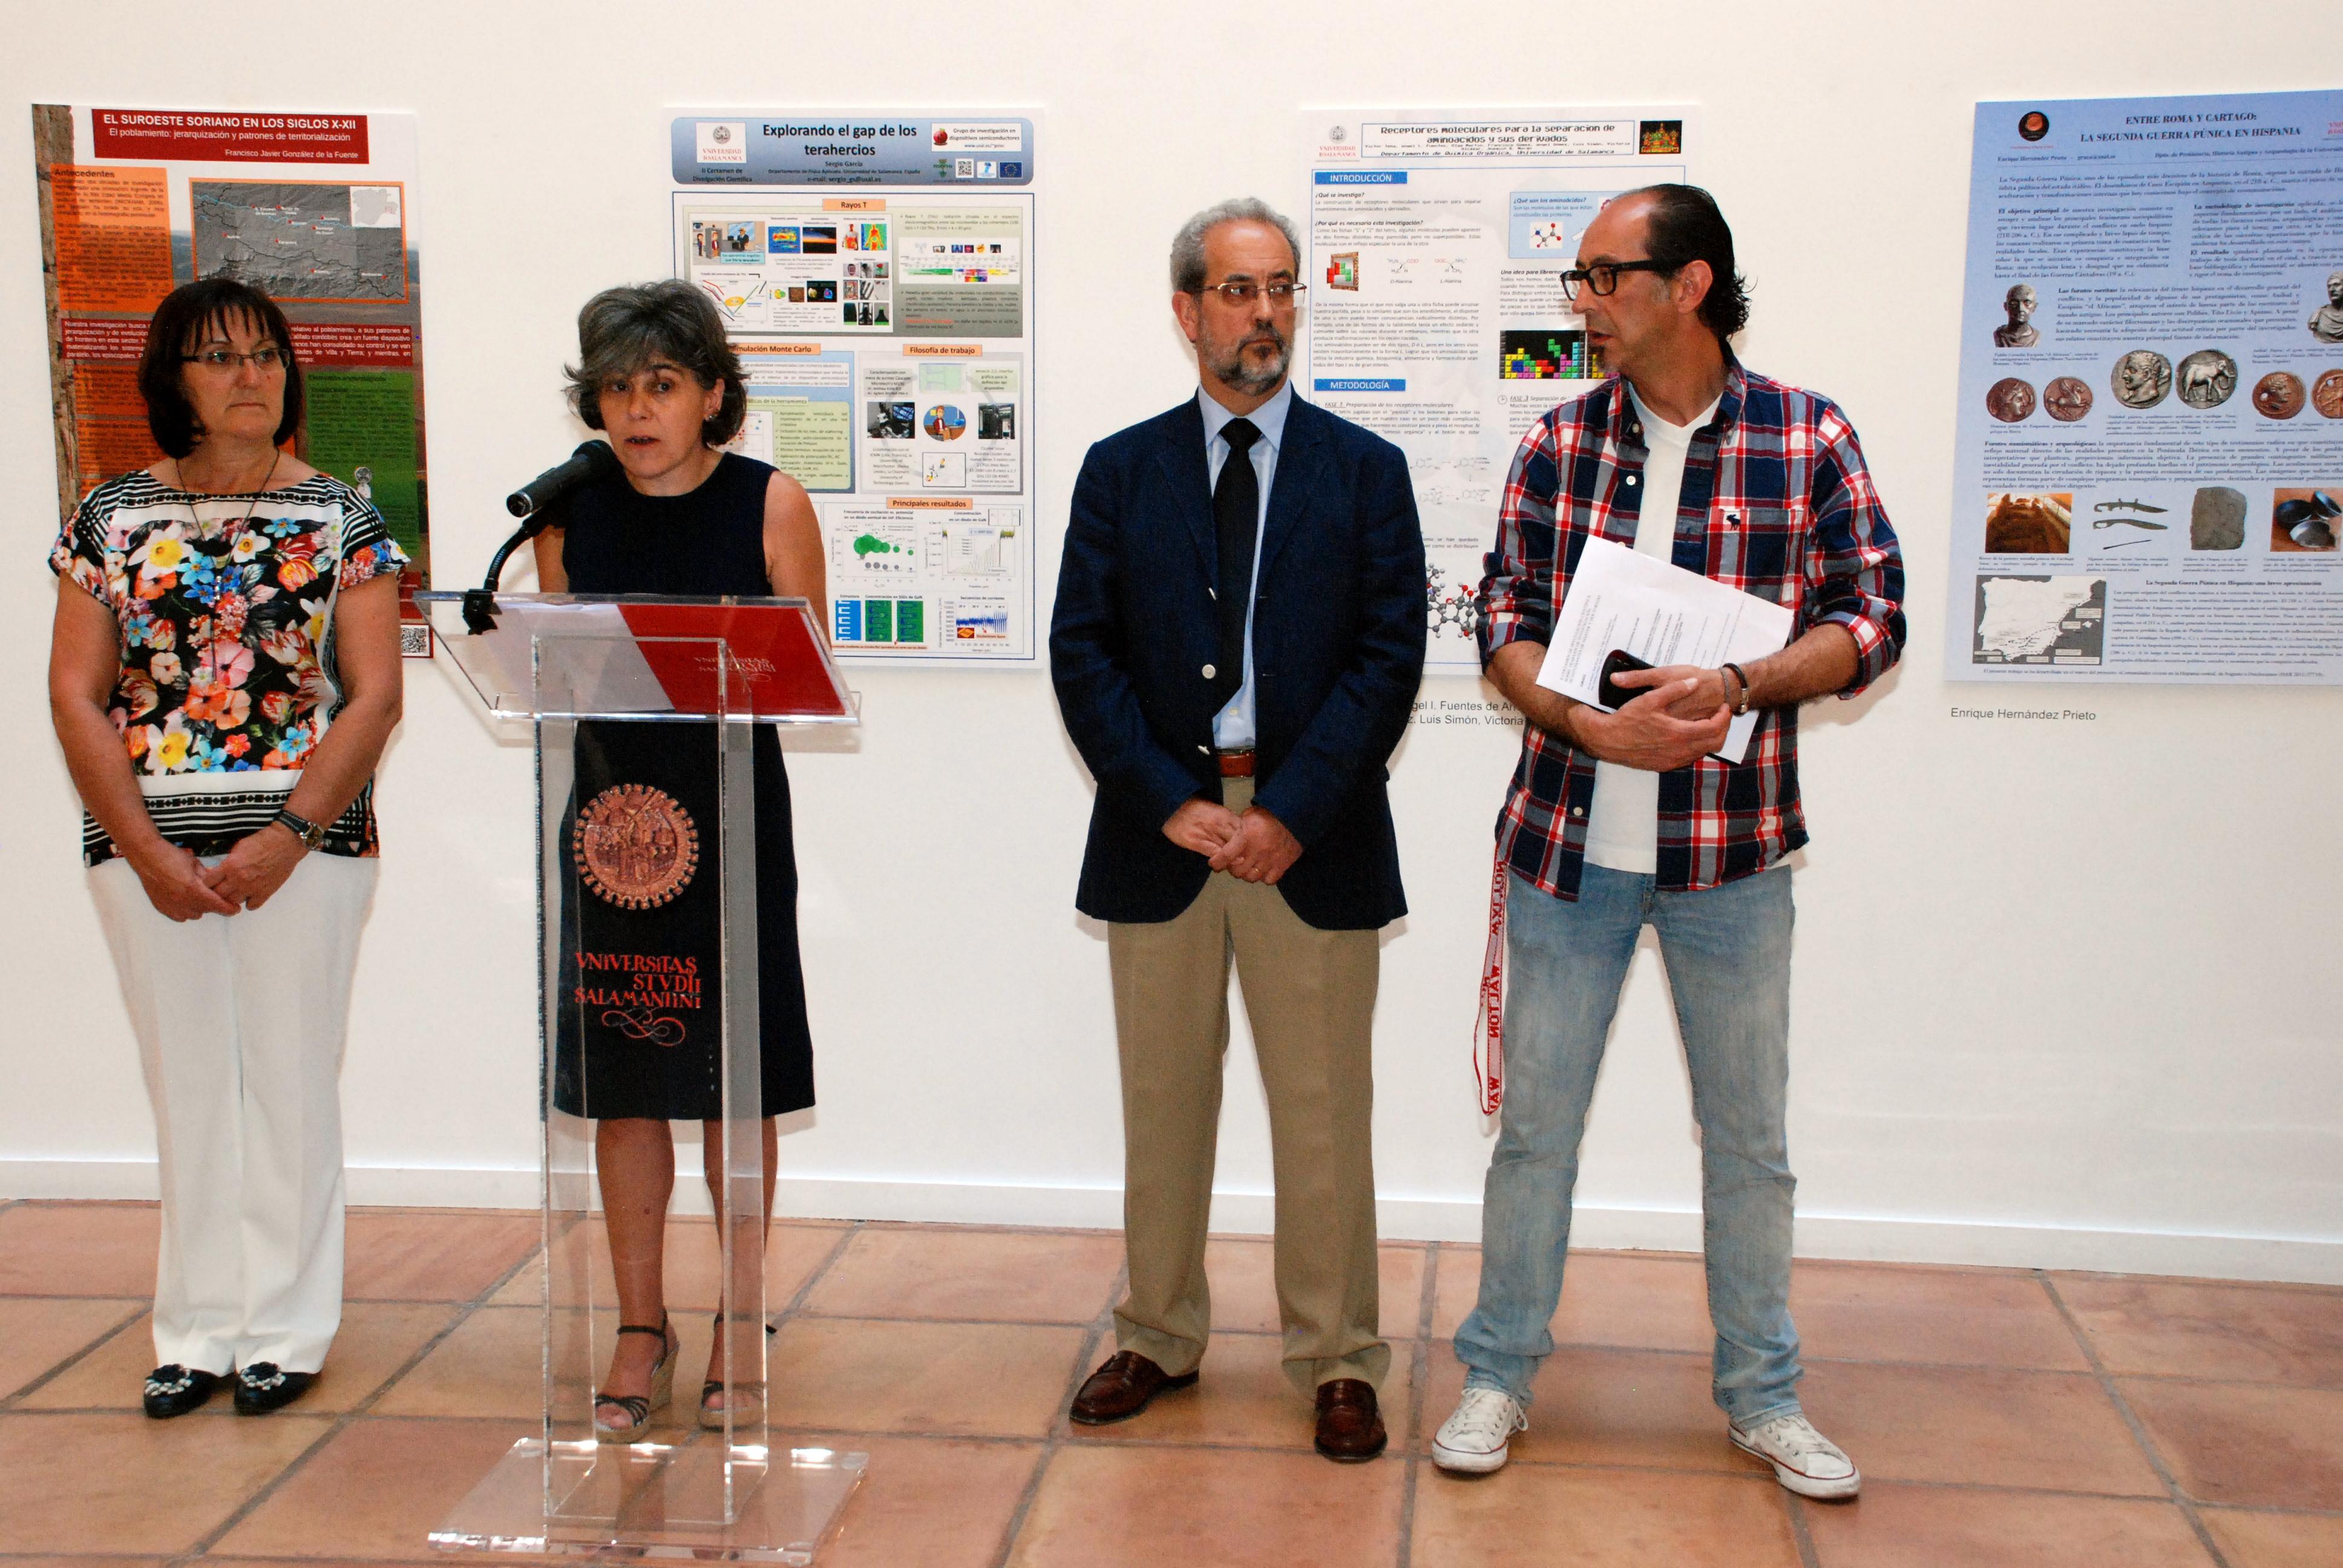 La Universidad de Salamanca entrega los premios del II Certamen de Divulgación Científica sobre trabajos de investigación de estudiantes de máster y doctorado